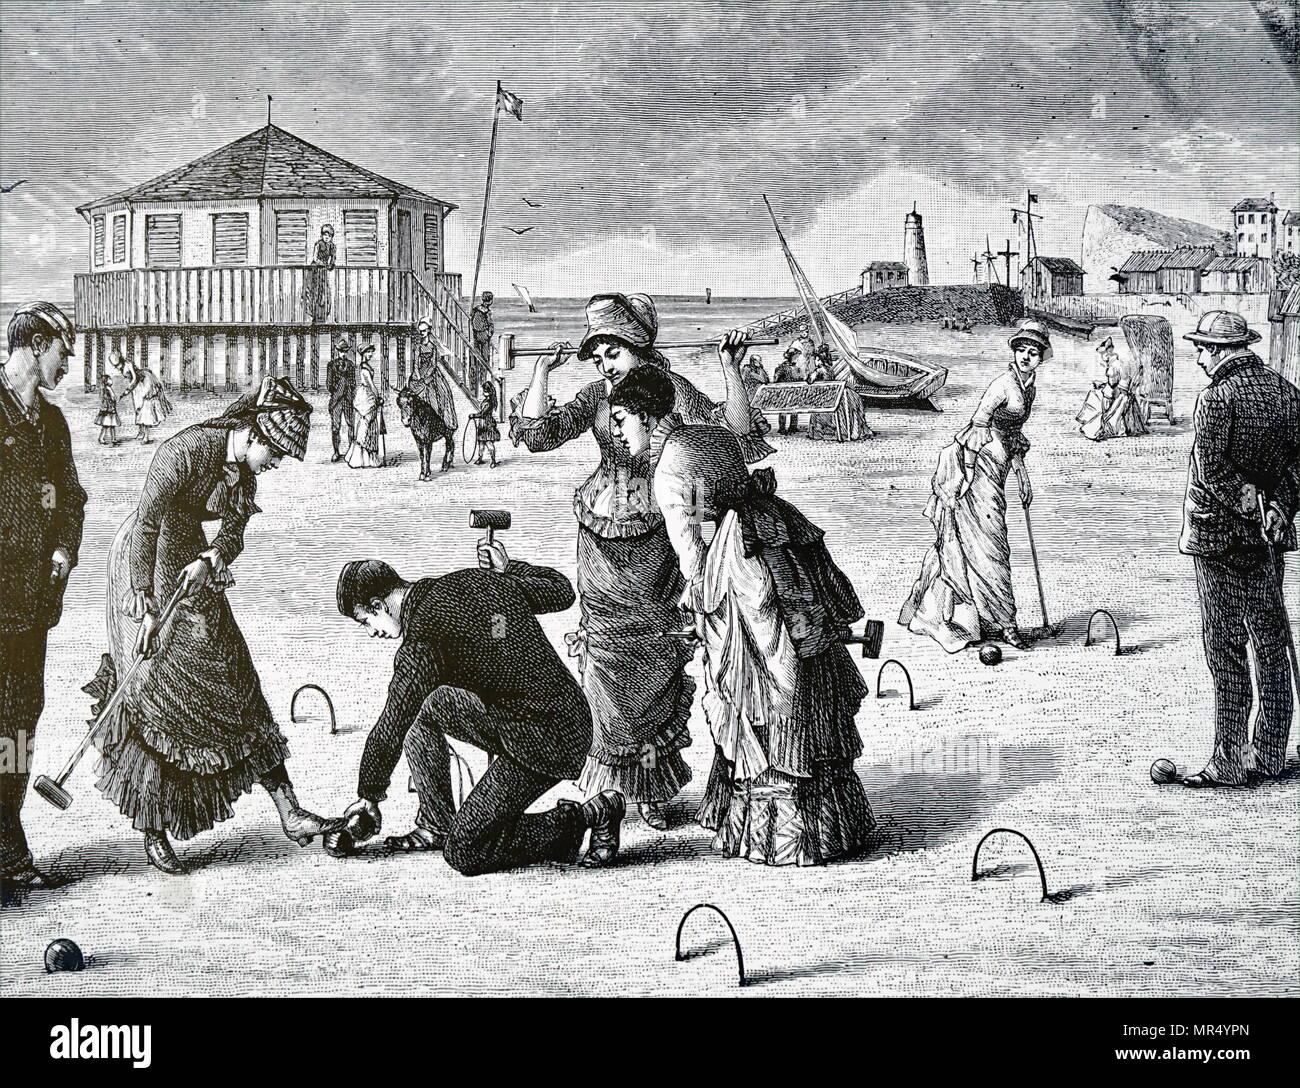 Illustrazione raffigurante un gioco di croquet essendo giocato sulla spiaggia. Datata del XIX secolo Immagini Stock